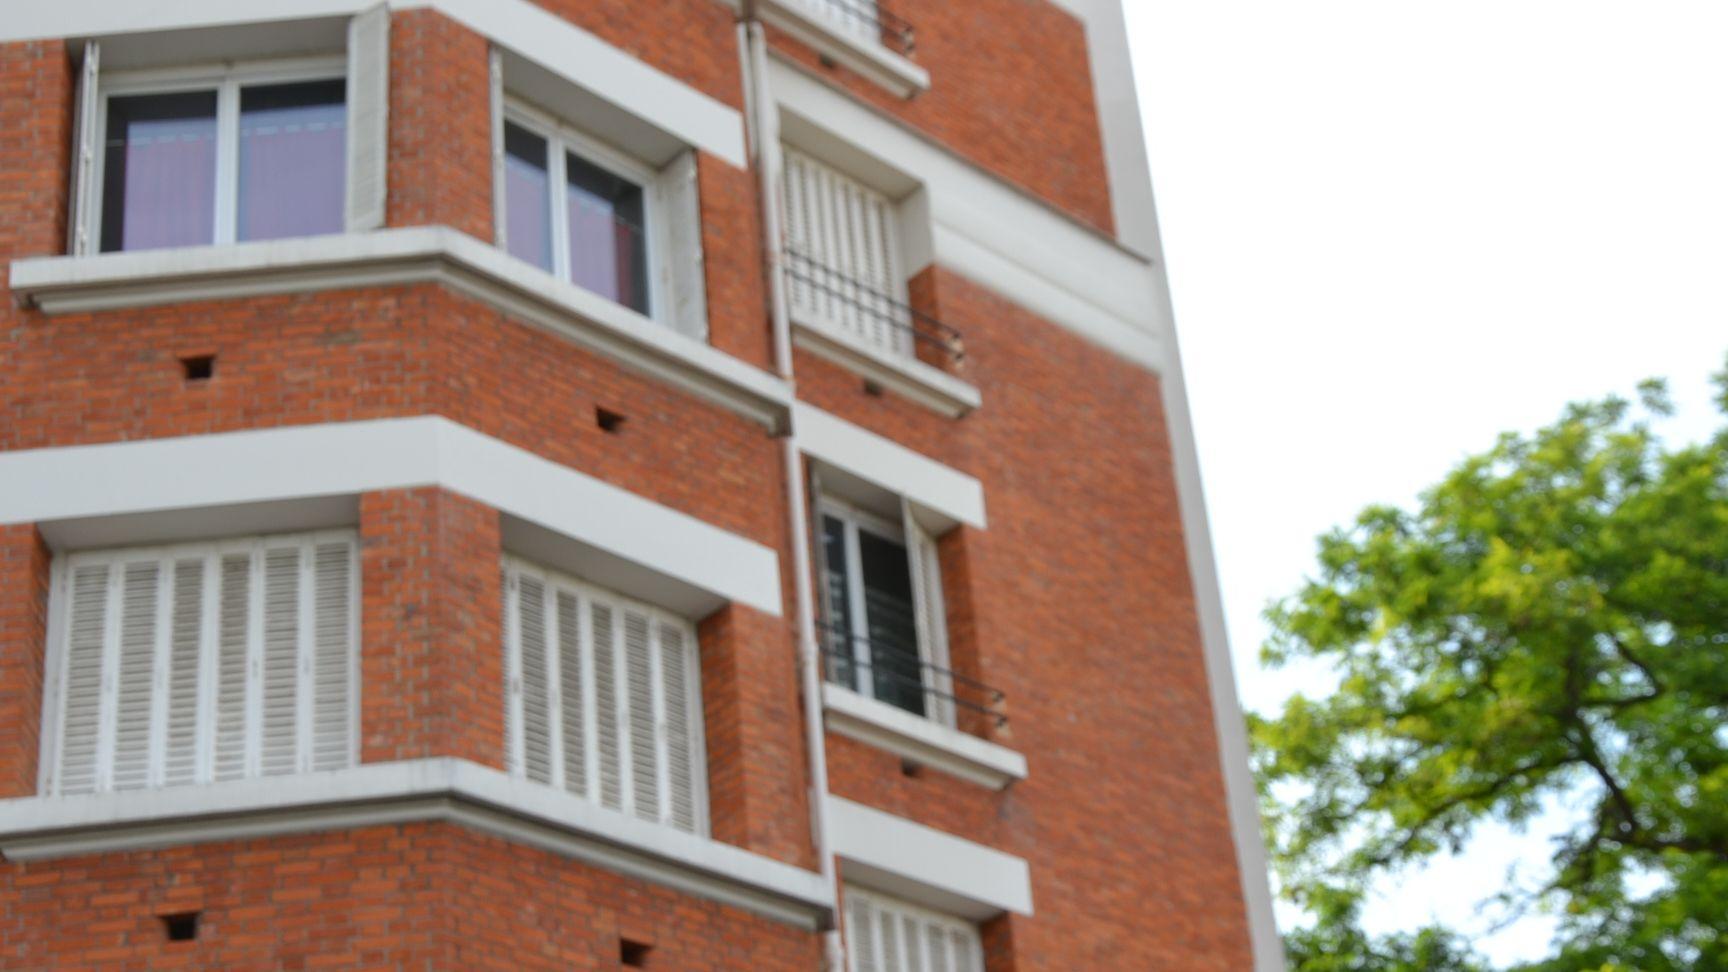 10 rue du Maréchal Joffre